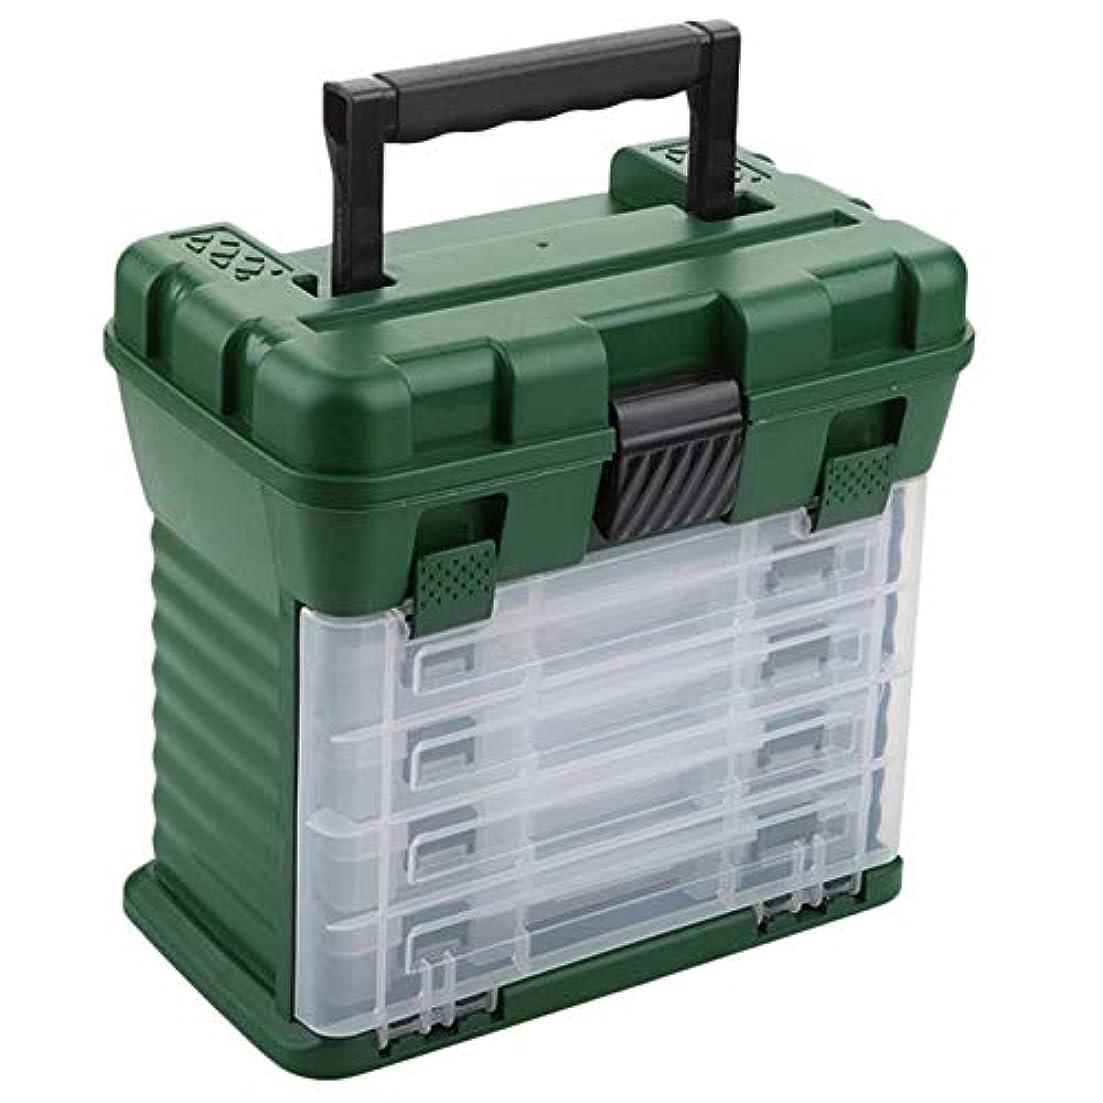 引き付ける消費バスBYWWANG ABS釣り道具プラスチック釣り道具箱防水収納餌箱釣りアクセサリー